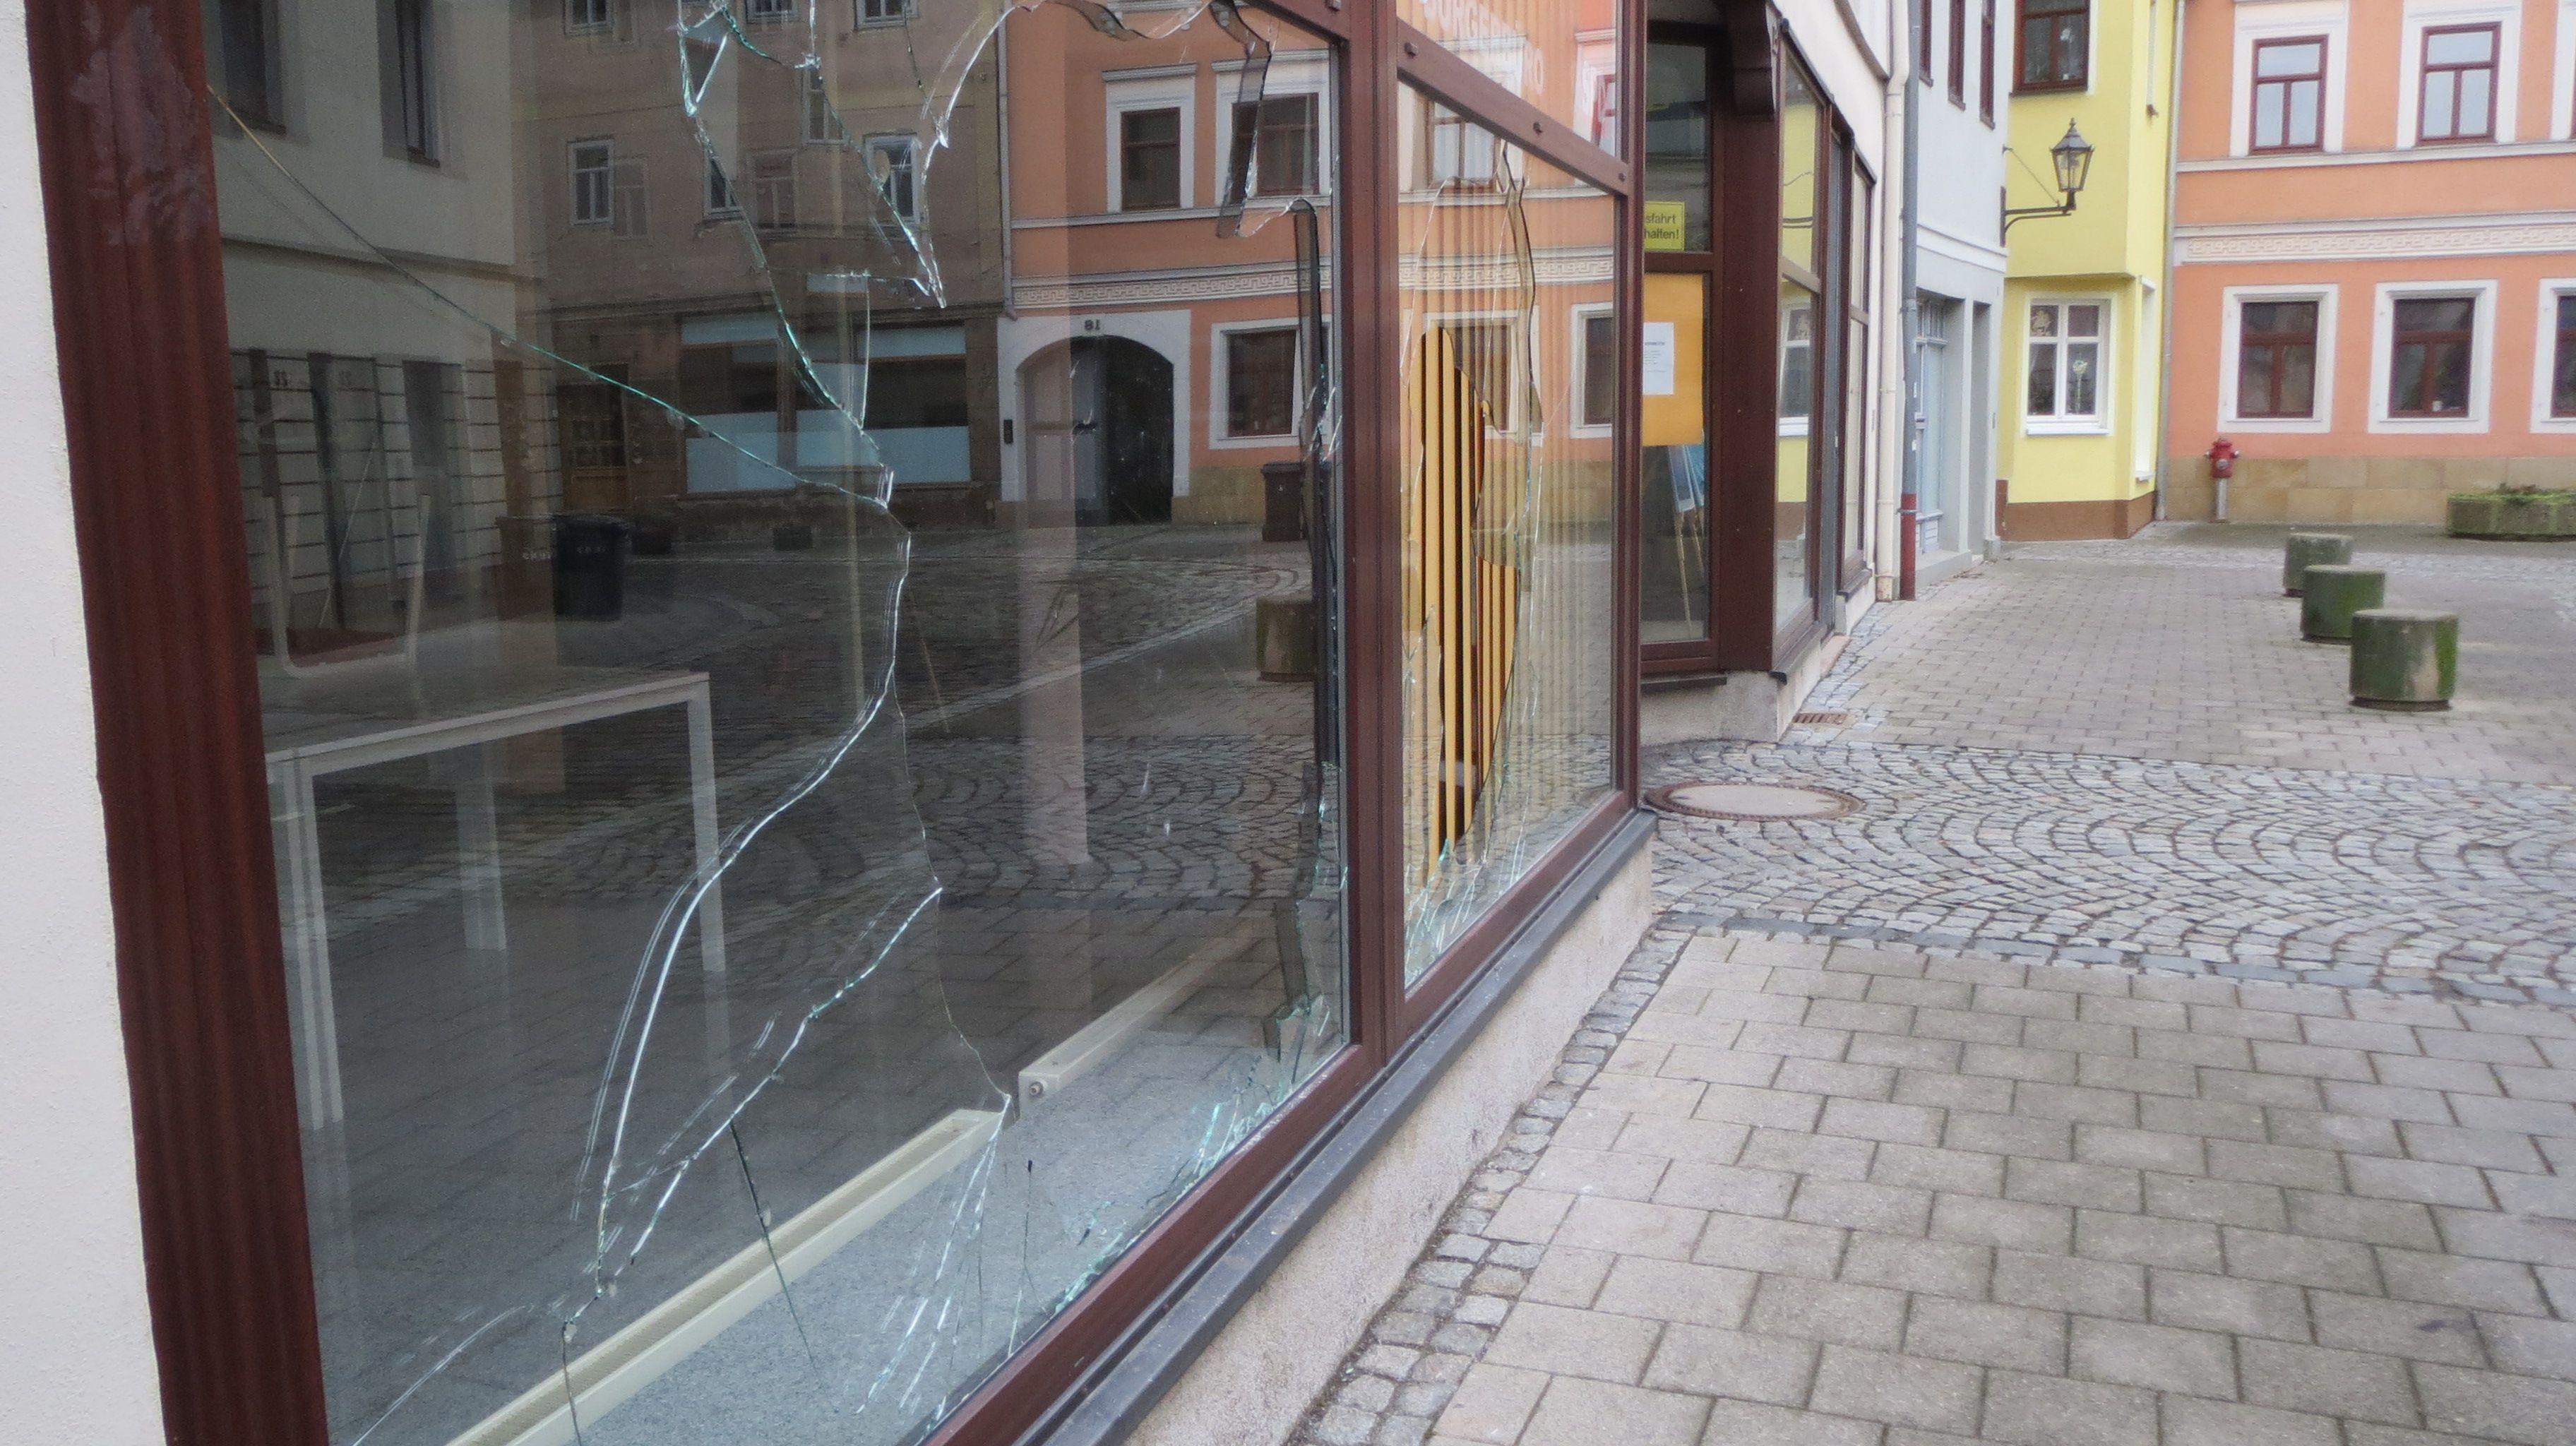 Angriff auf das Bürgerbüro der SPD und den Demokratie-Laden in Kahla